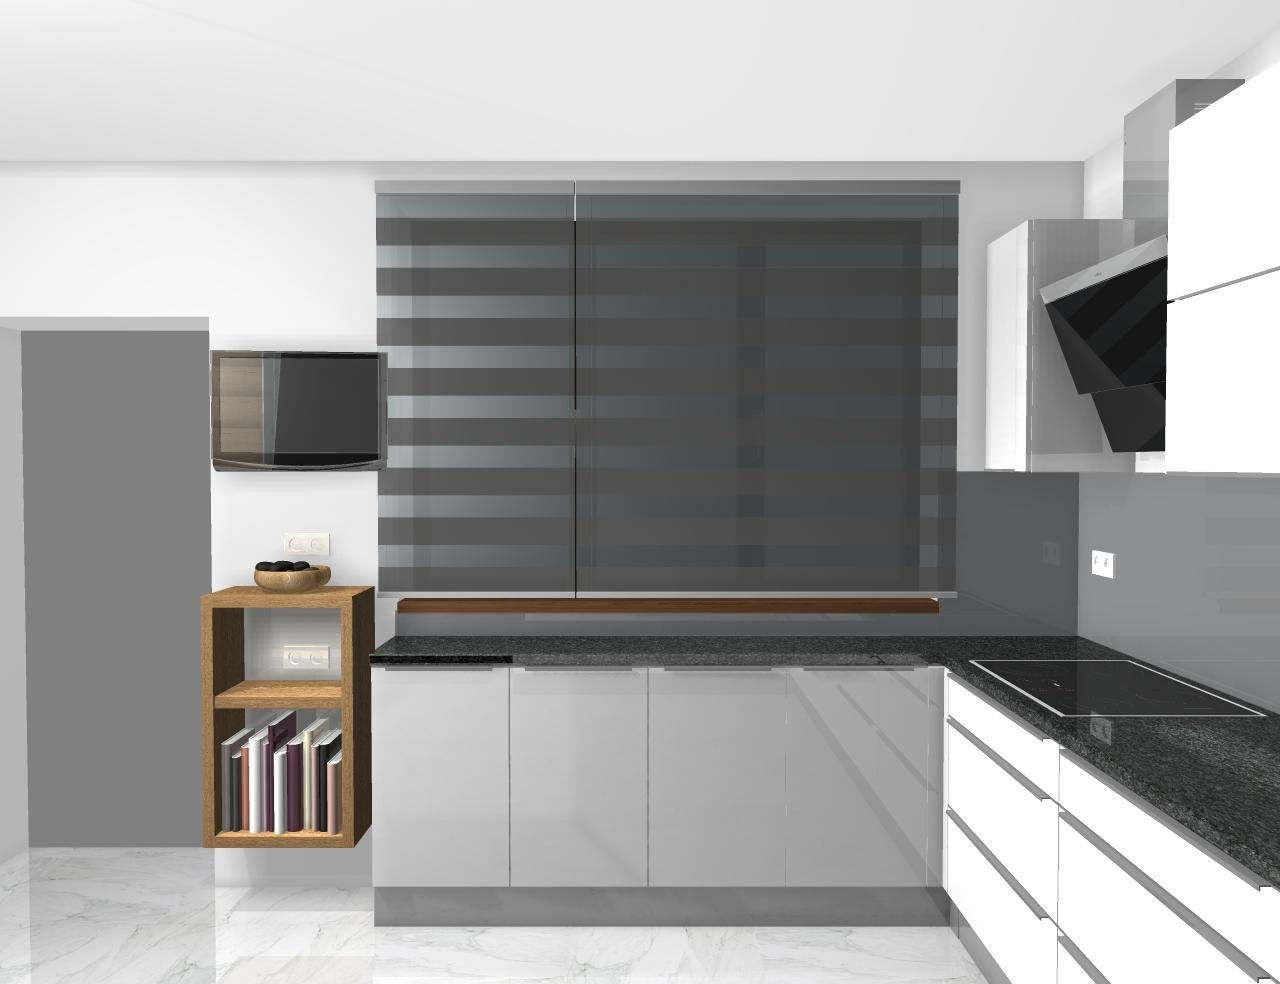 Grafické návrhy kuchynských liniek 2020 - Grafický návrh kuchynskej linky do rodinného domu - obr.4